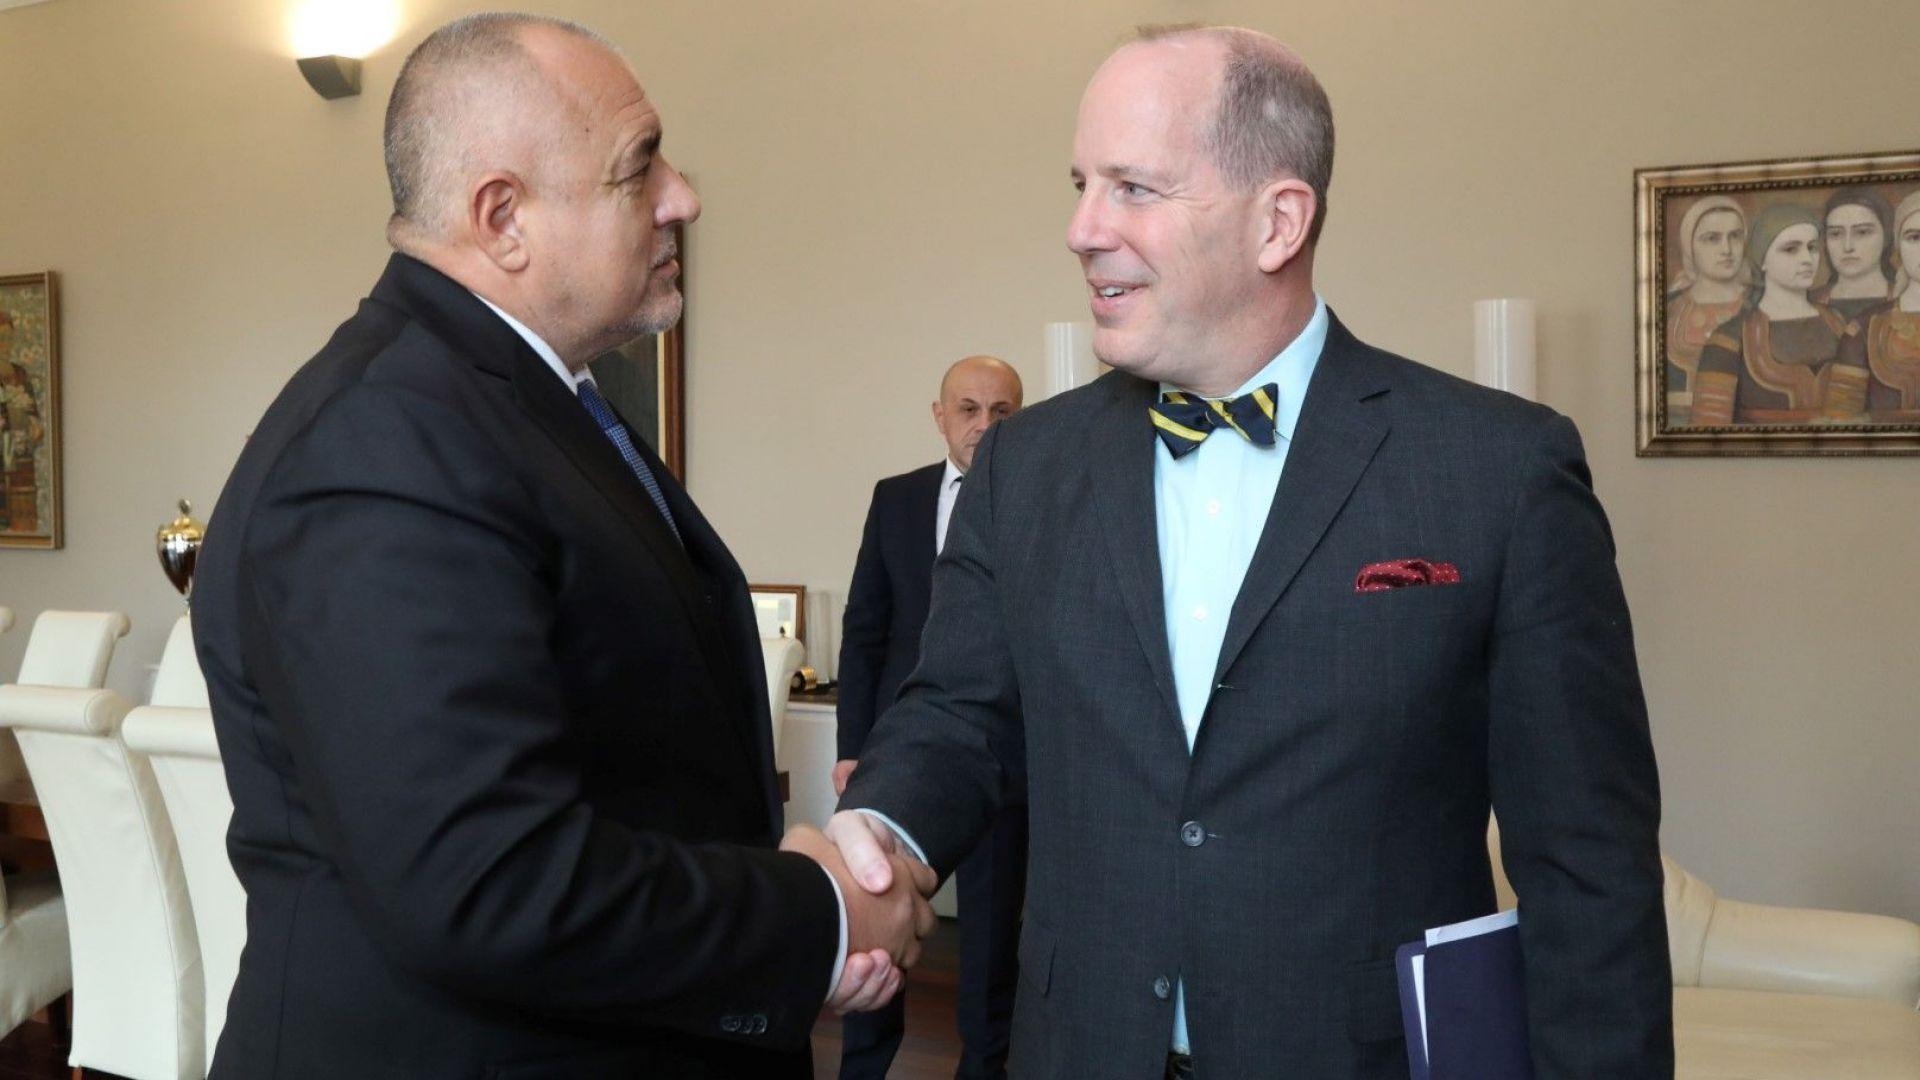 Борисов изтъкна пред Форд потенциала на страната ни да осигури диверсификация на енергийните източници